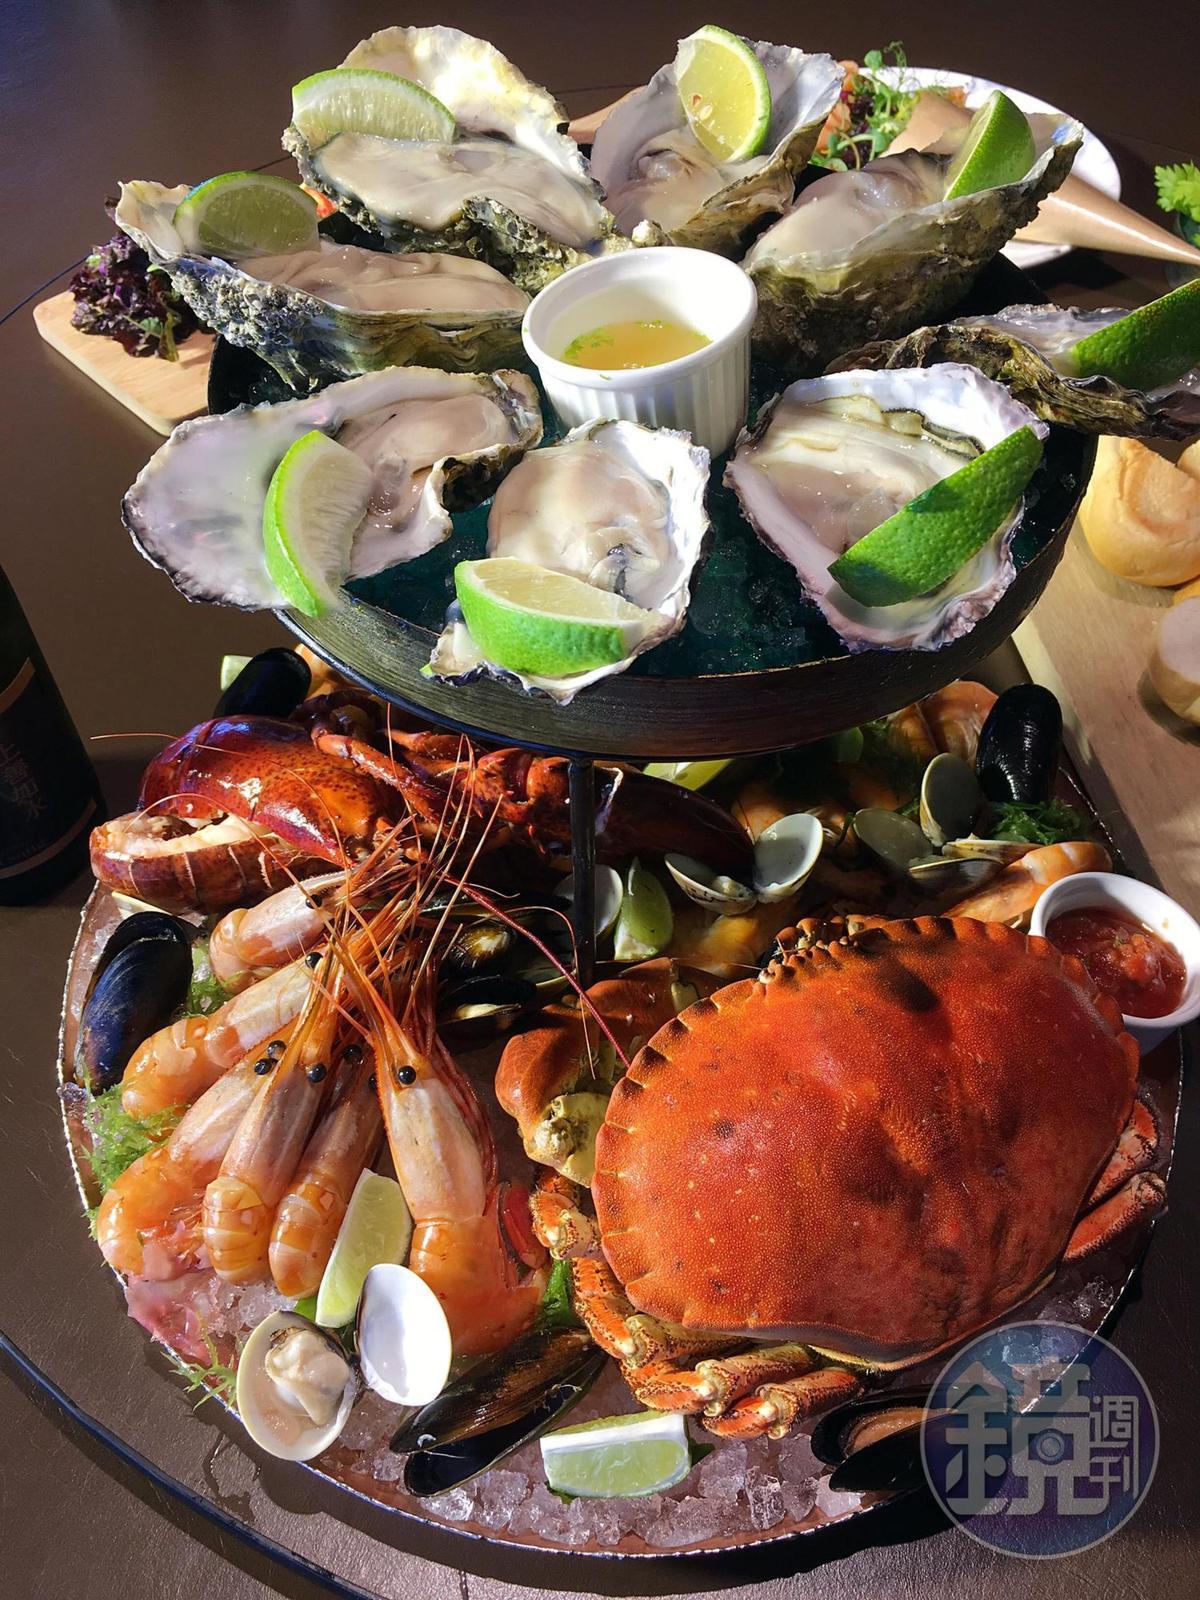 「華麗海鮮塔」吃得到廣島和美國生蠔,波士頓龍蝦、麵包蟹、牡丹蝦、無毒白蝦等近10種生猛海味。(3,980元/6人份)